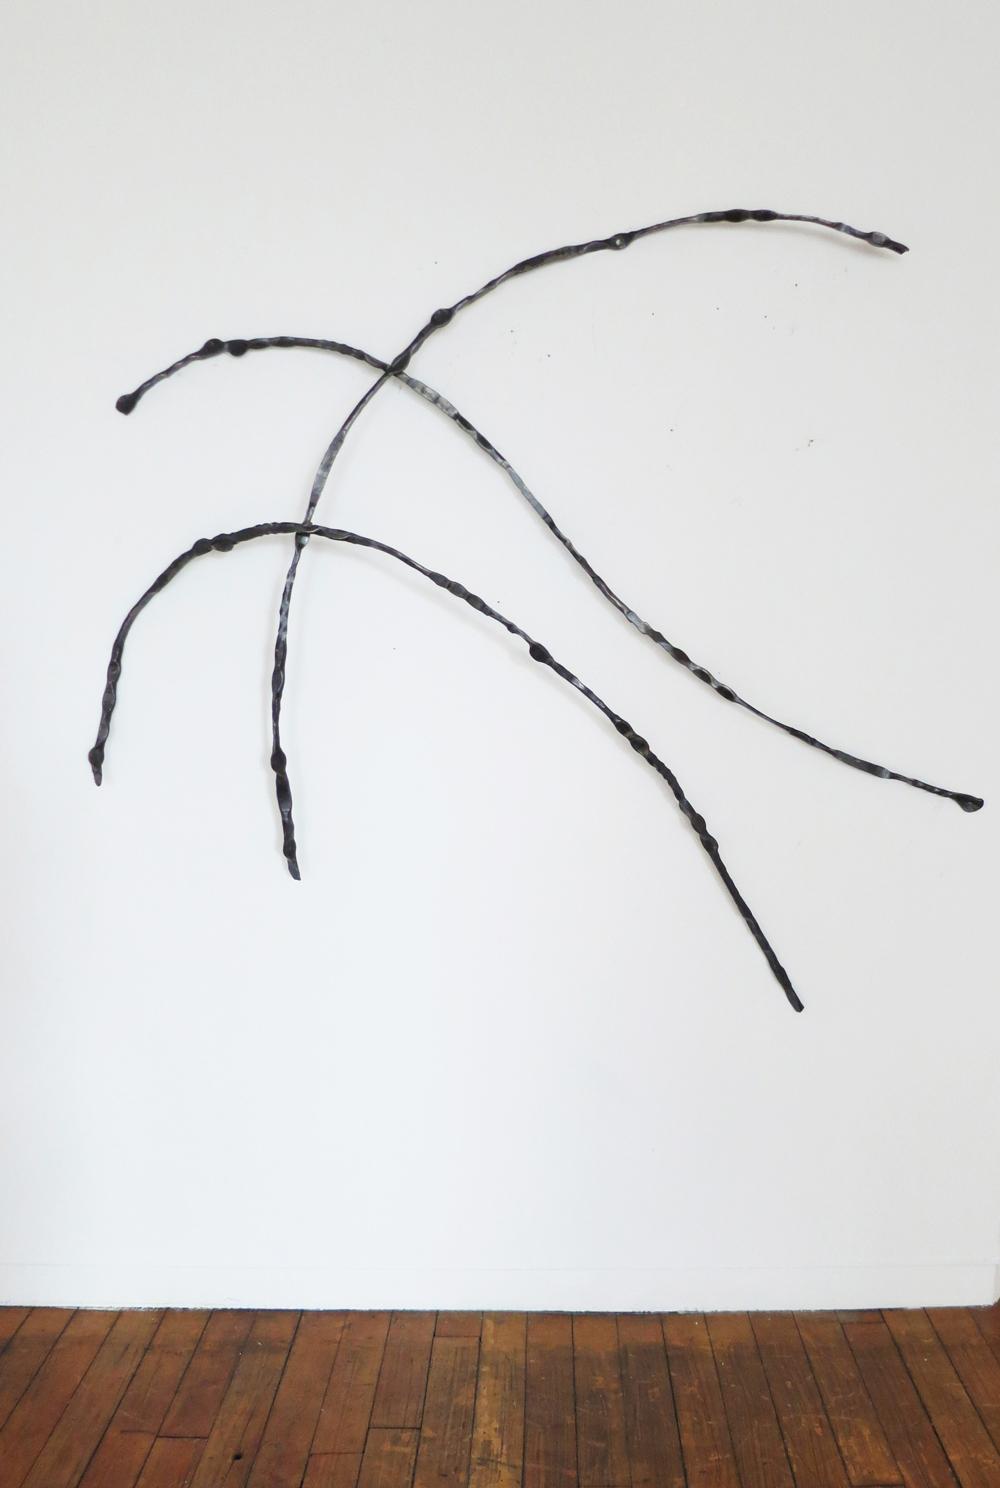 Iron Calligraphy VIII, 2015